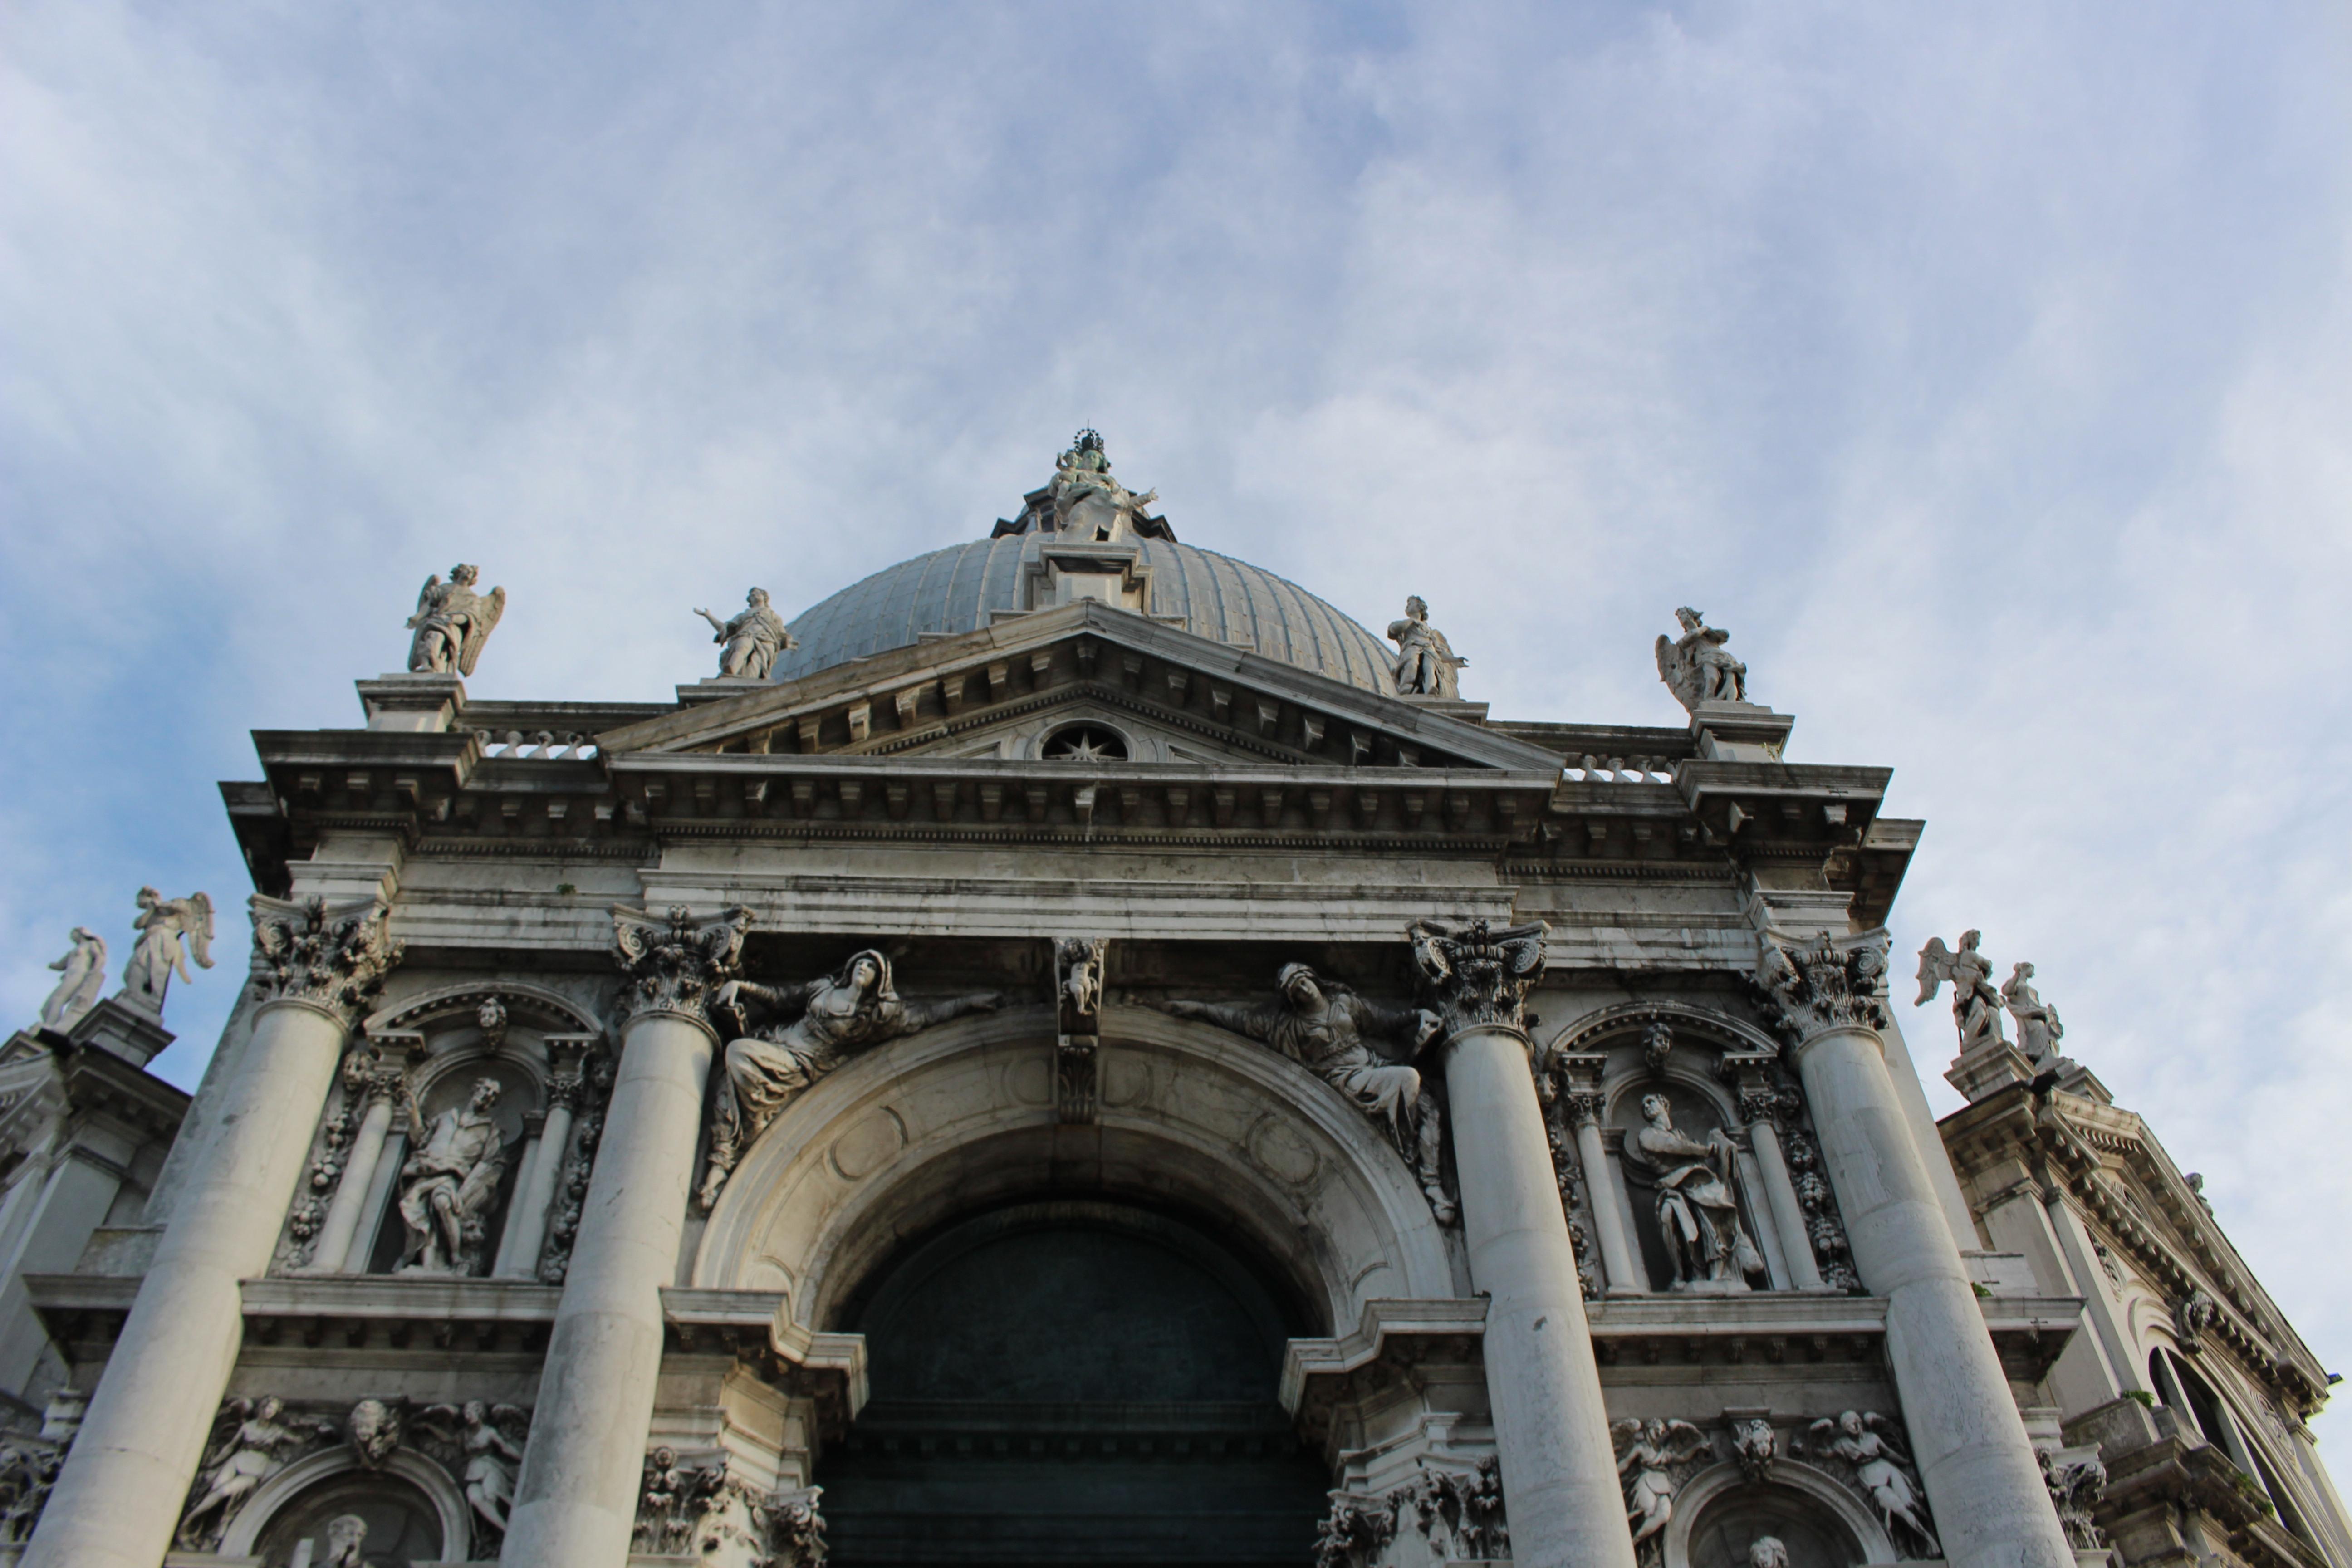 Basilica Santa Maria dellaSalute